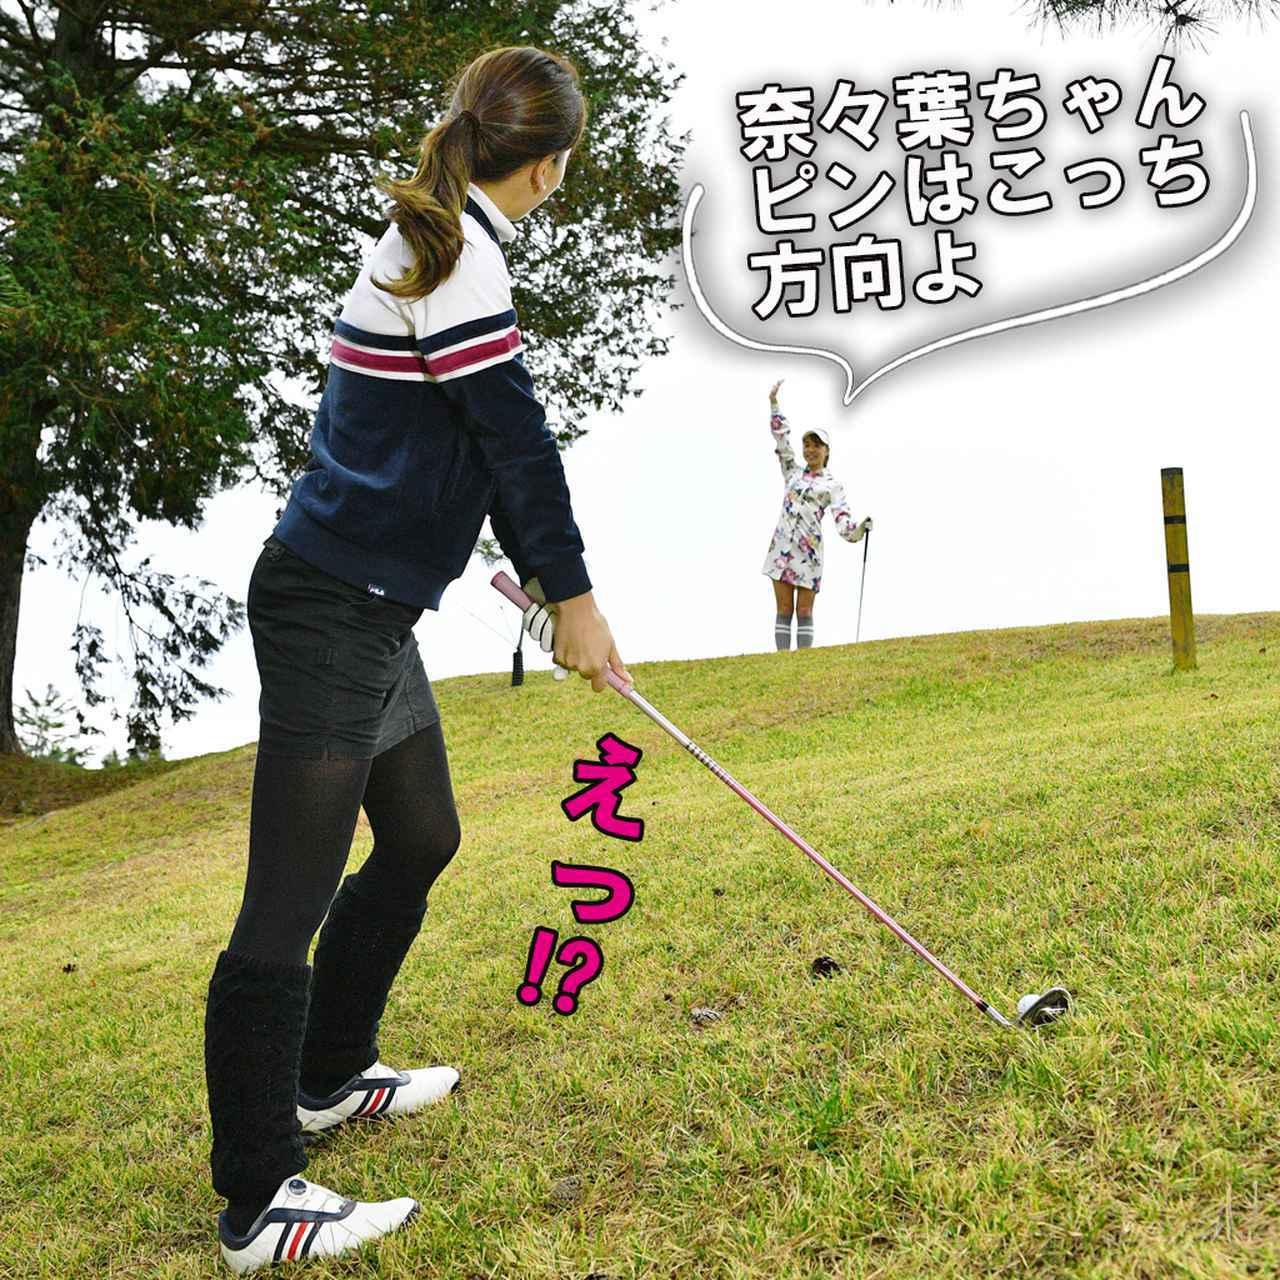 画像3: 【新ルール】ピンが見えない所にボールがあるときは、ピンの方向を教えていい?